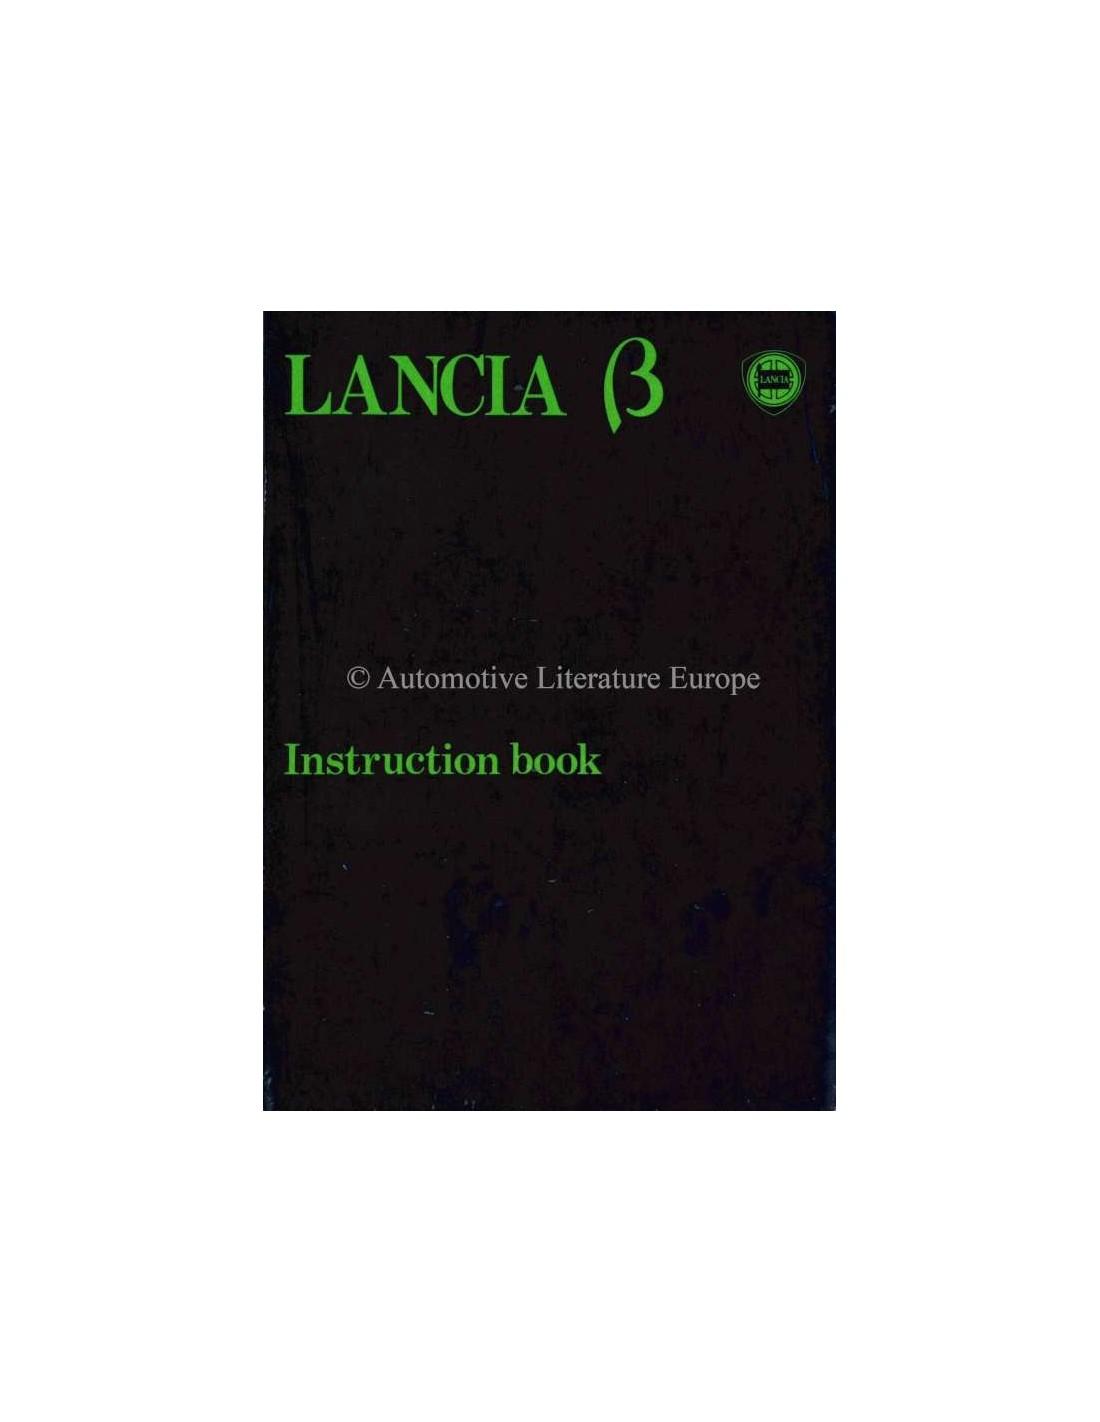 1980 lancia beta saloon owners manual english rh autolit eu Lancia Stratos Lancia Delta